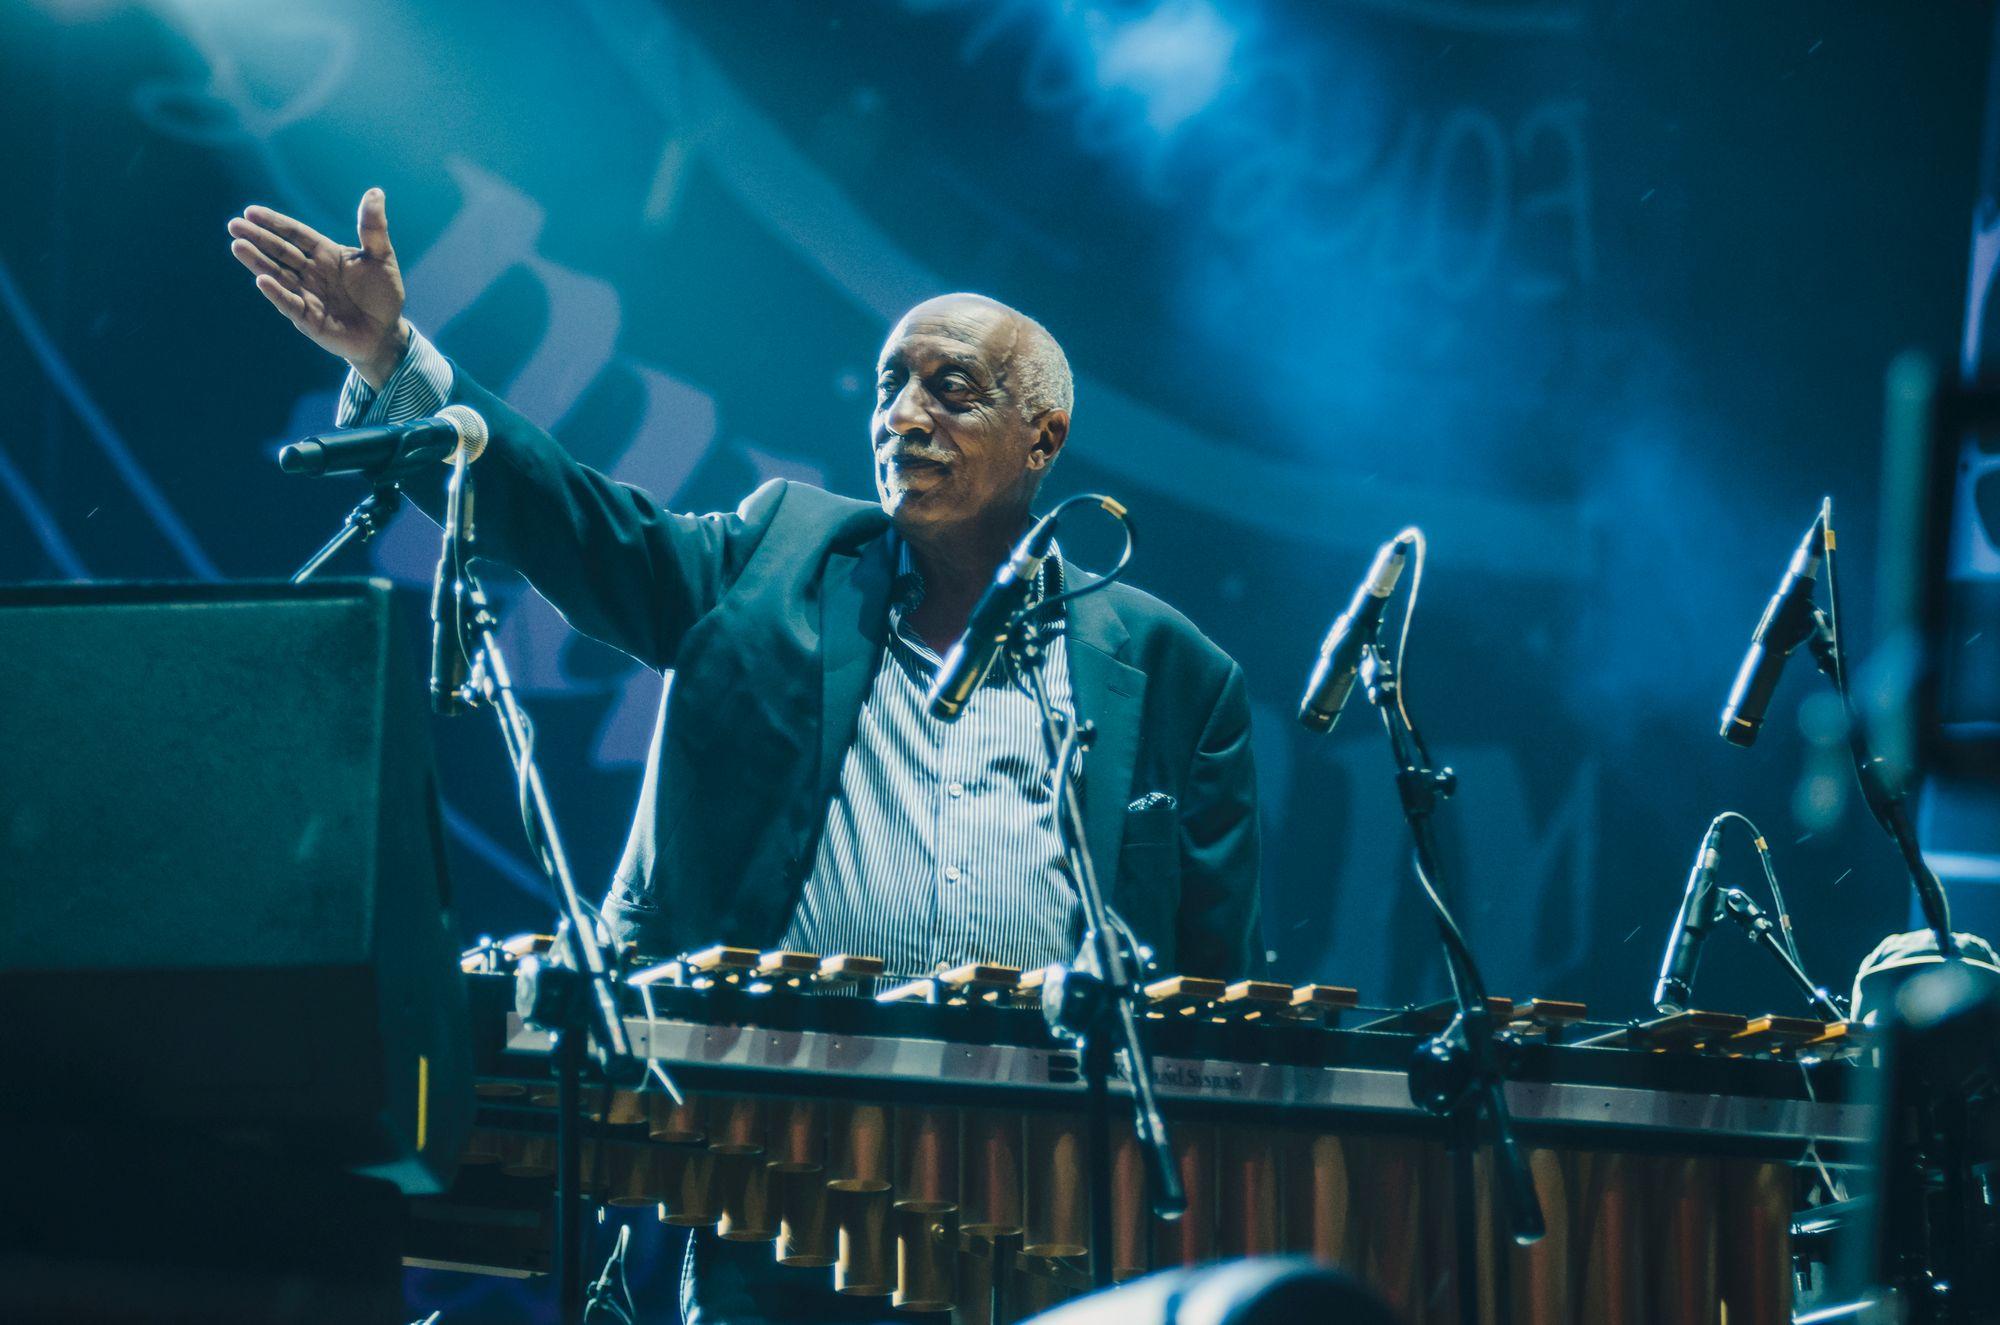 [Na zdjęciu Mulatu Astatke stoi przy klawiszach. Z uznaniem patrzy na kogoś i wskazuje tę osobę uniesioną prawą ręką. Oświetlenie sceny niebieskie.]